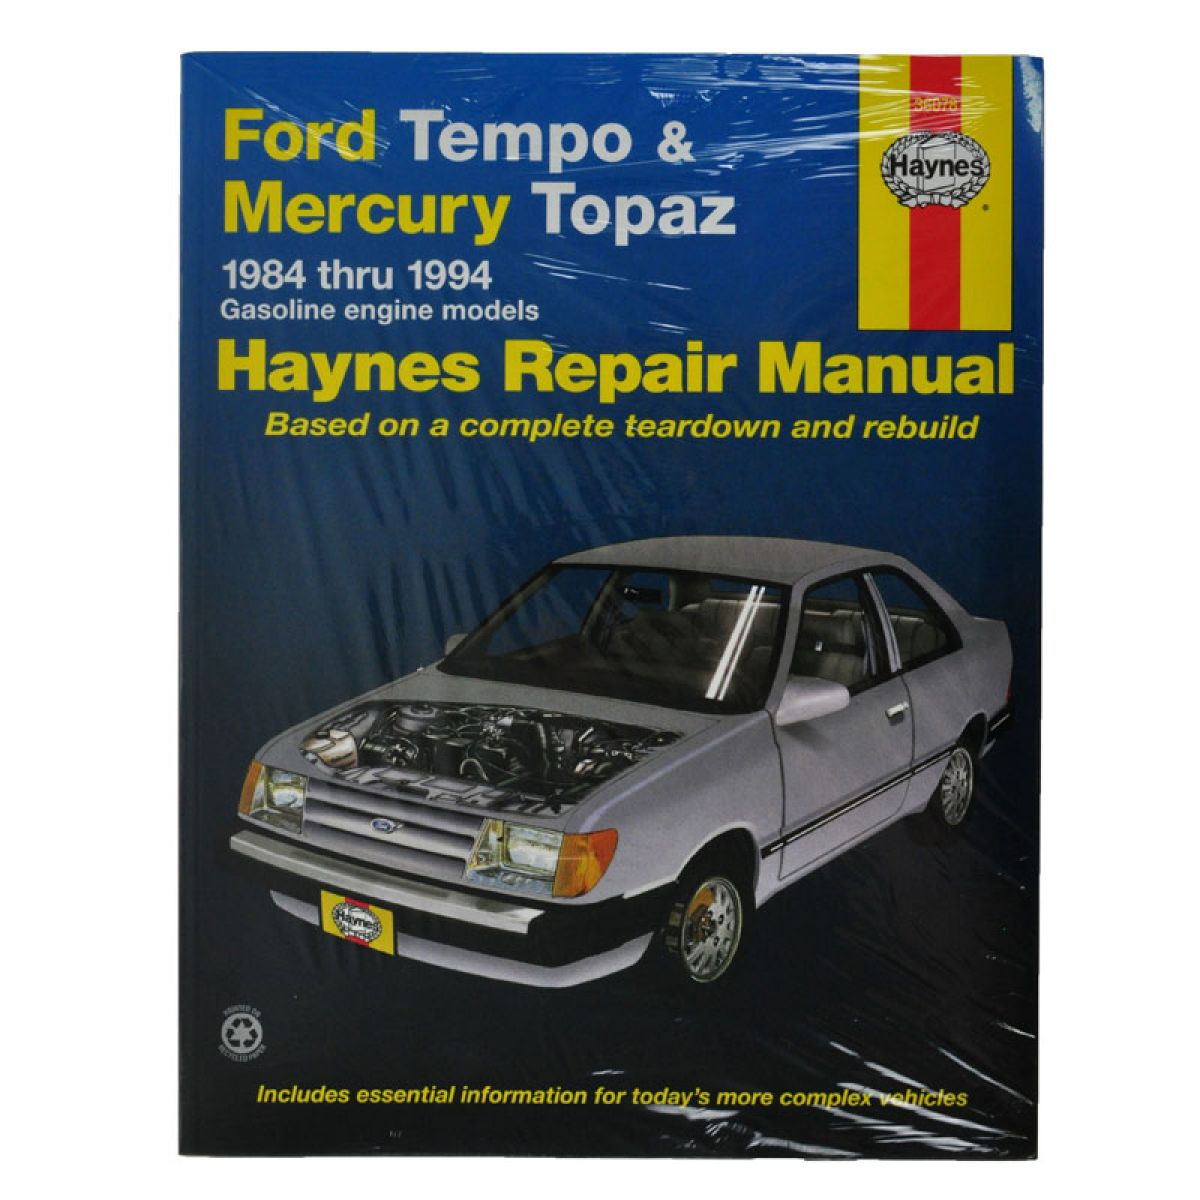 Haynes Repair Manual for 1984-1994 Ford Tempo Mercury Topaz